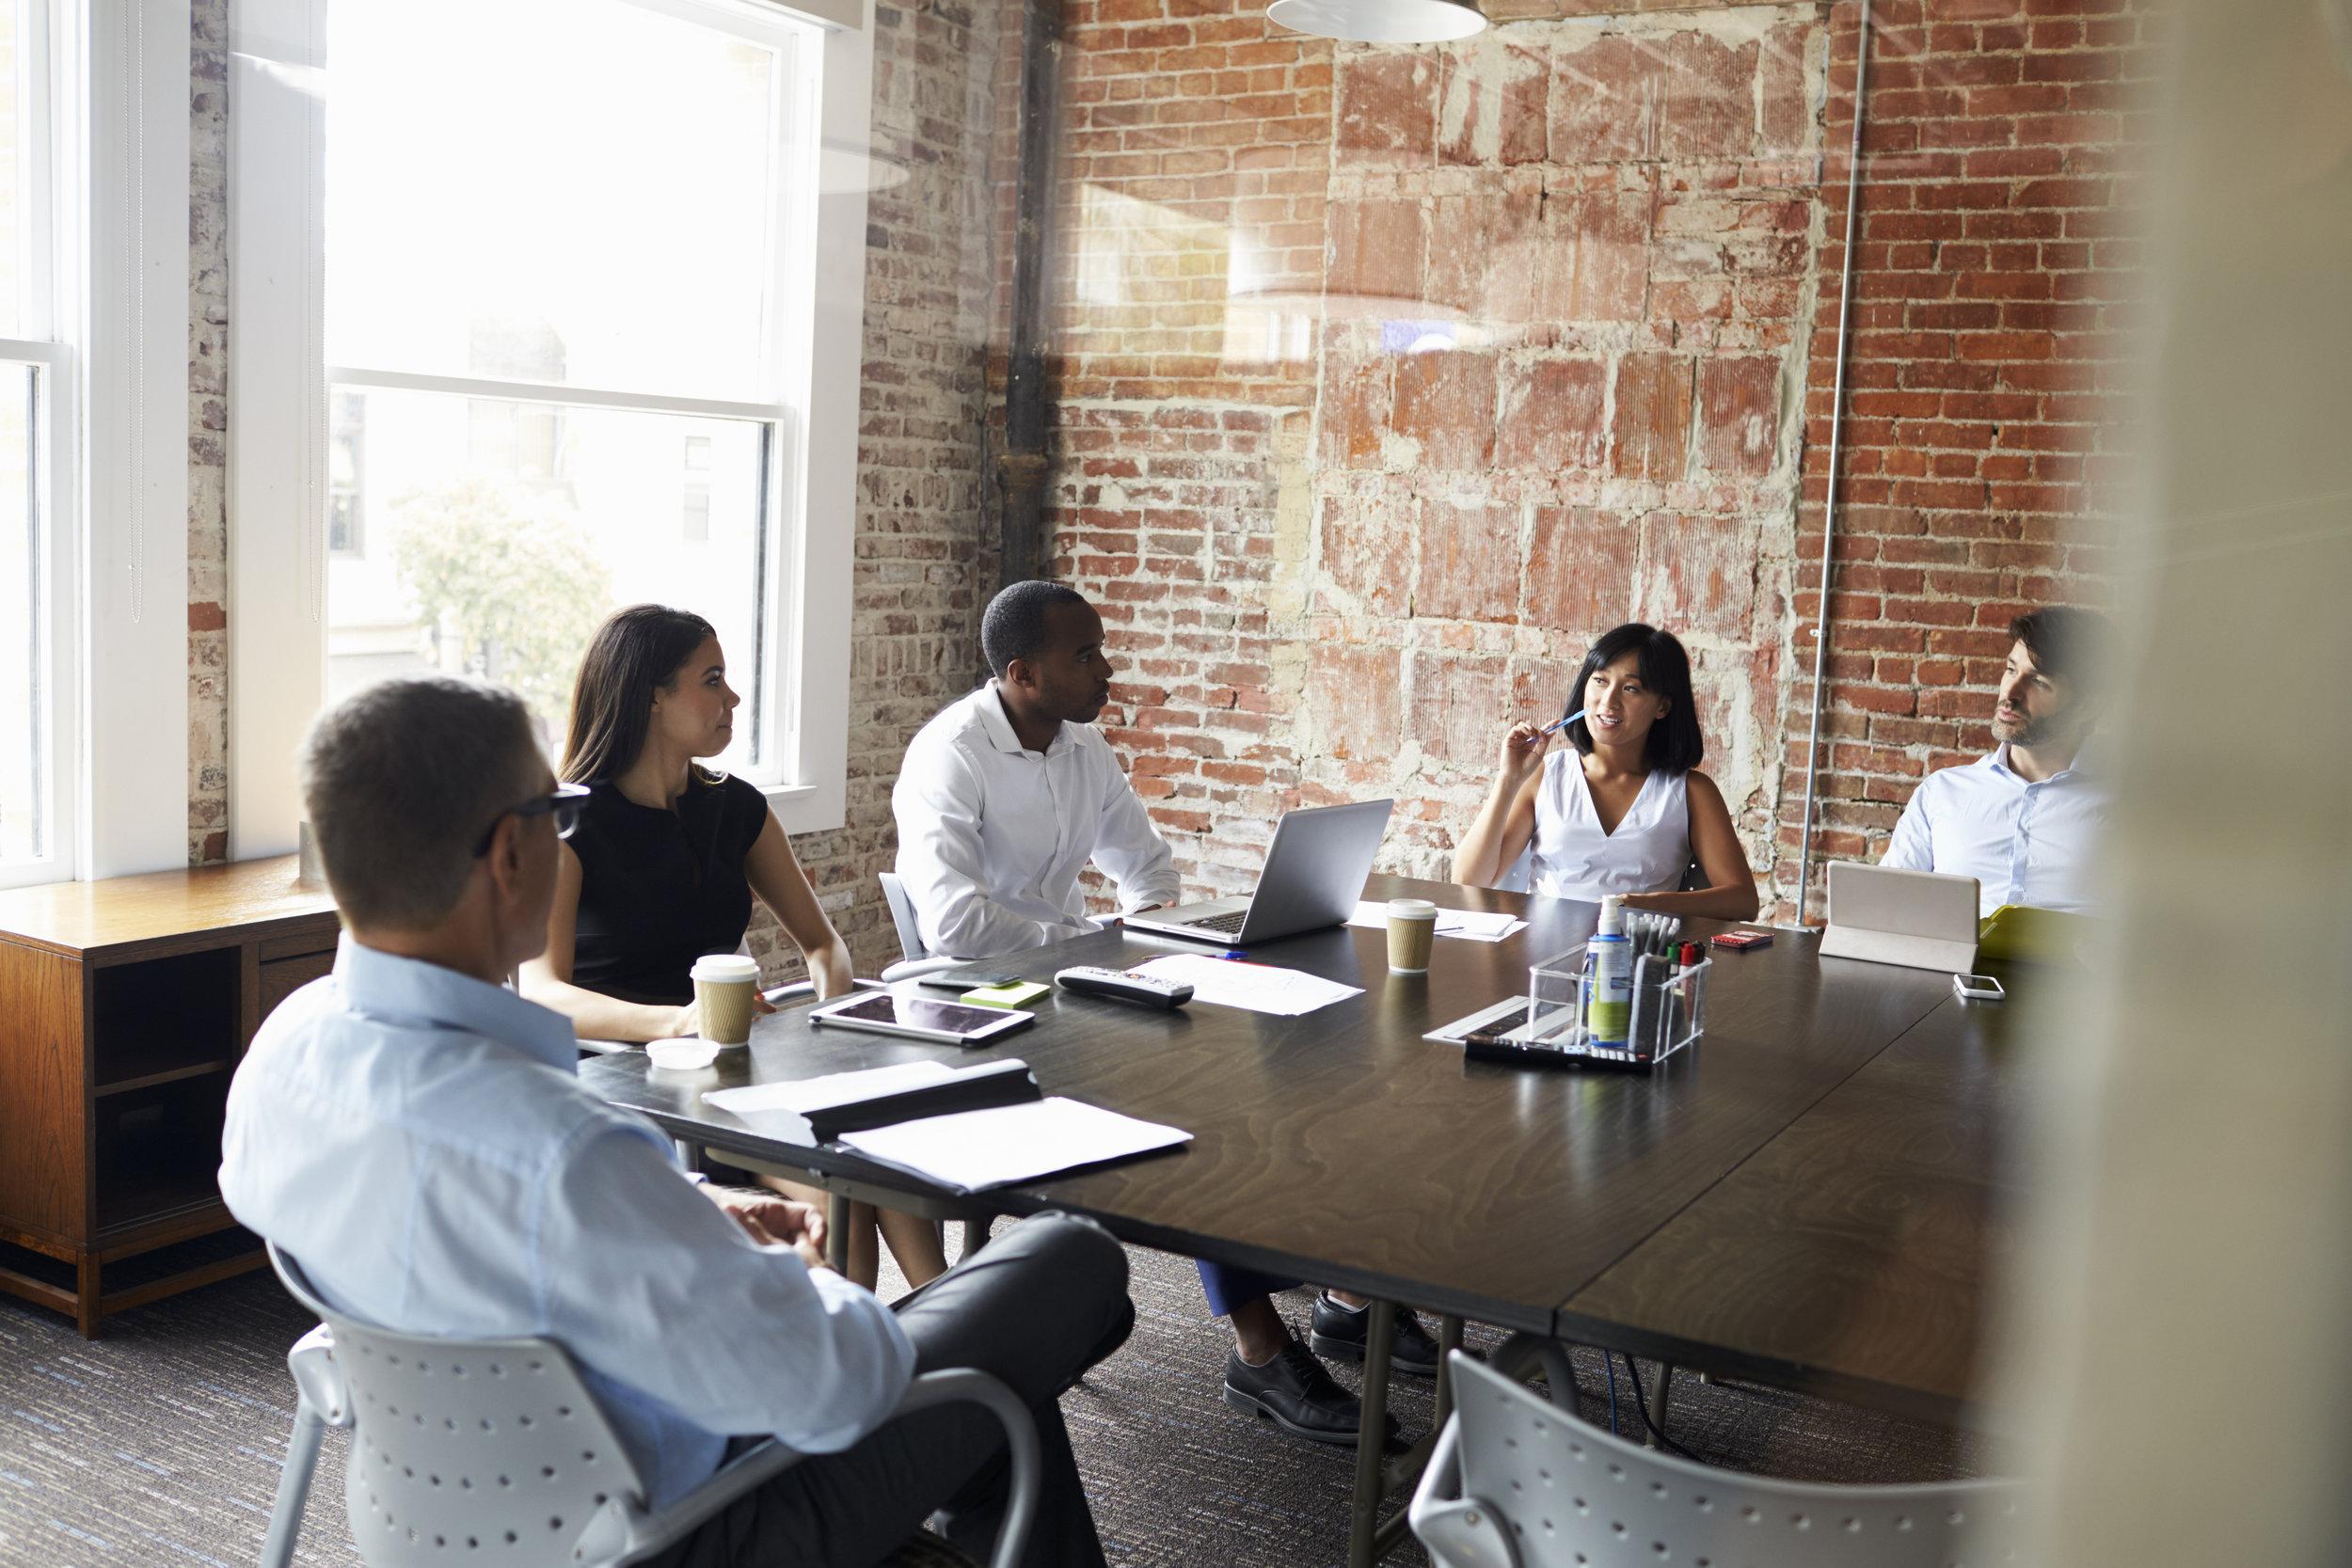 group-of-businesspeople-meeting-in-modern-PDKJW86.jpg